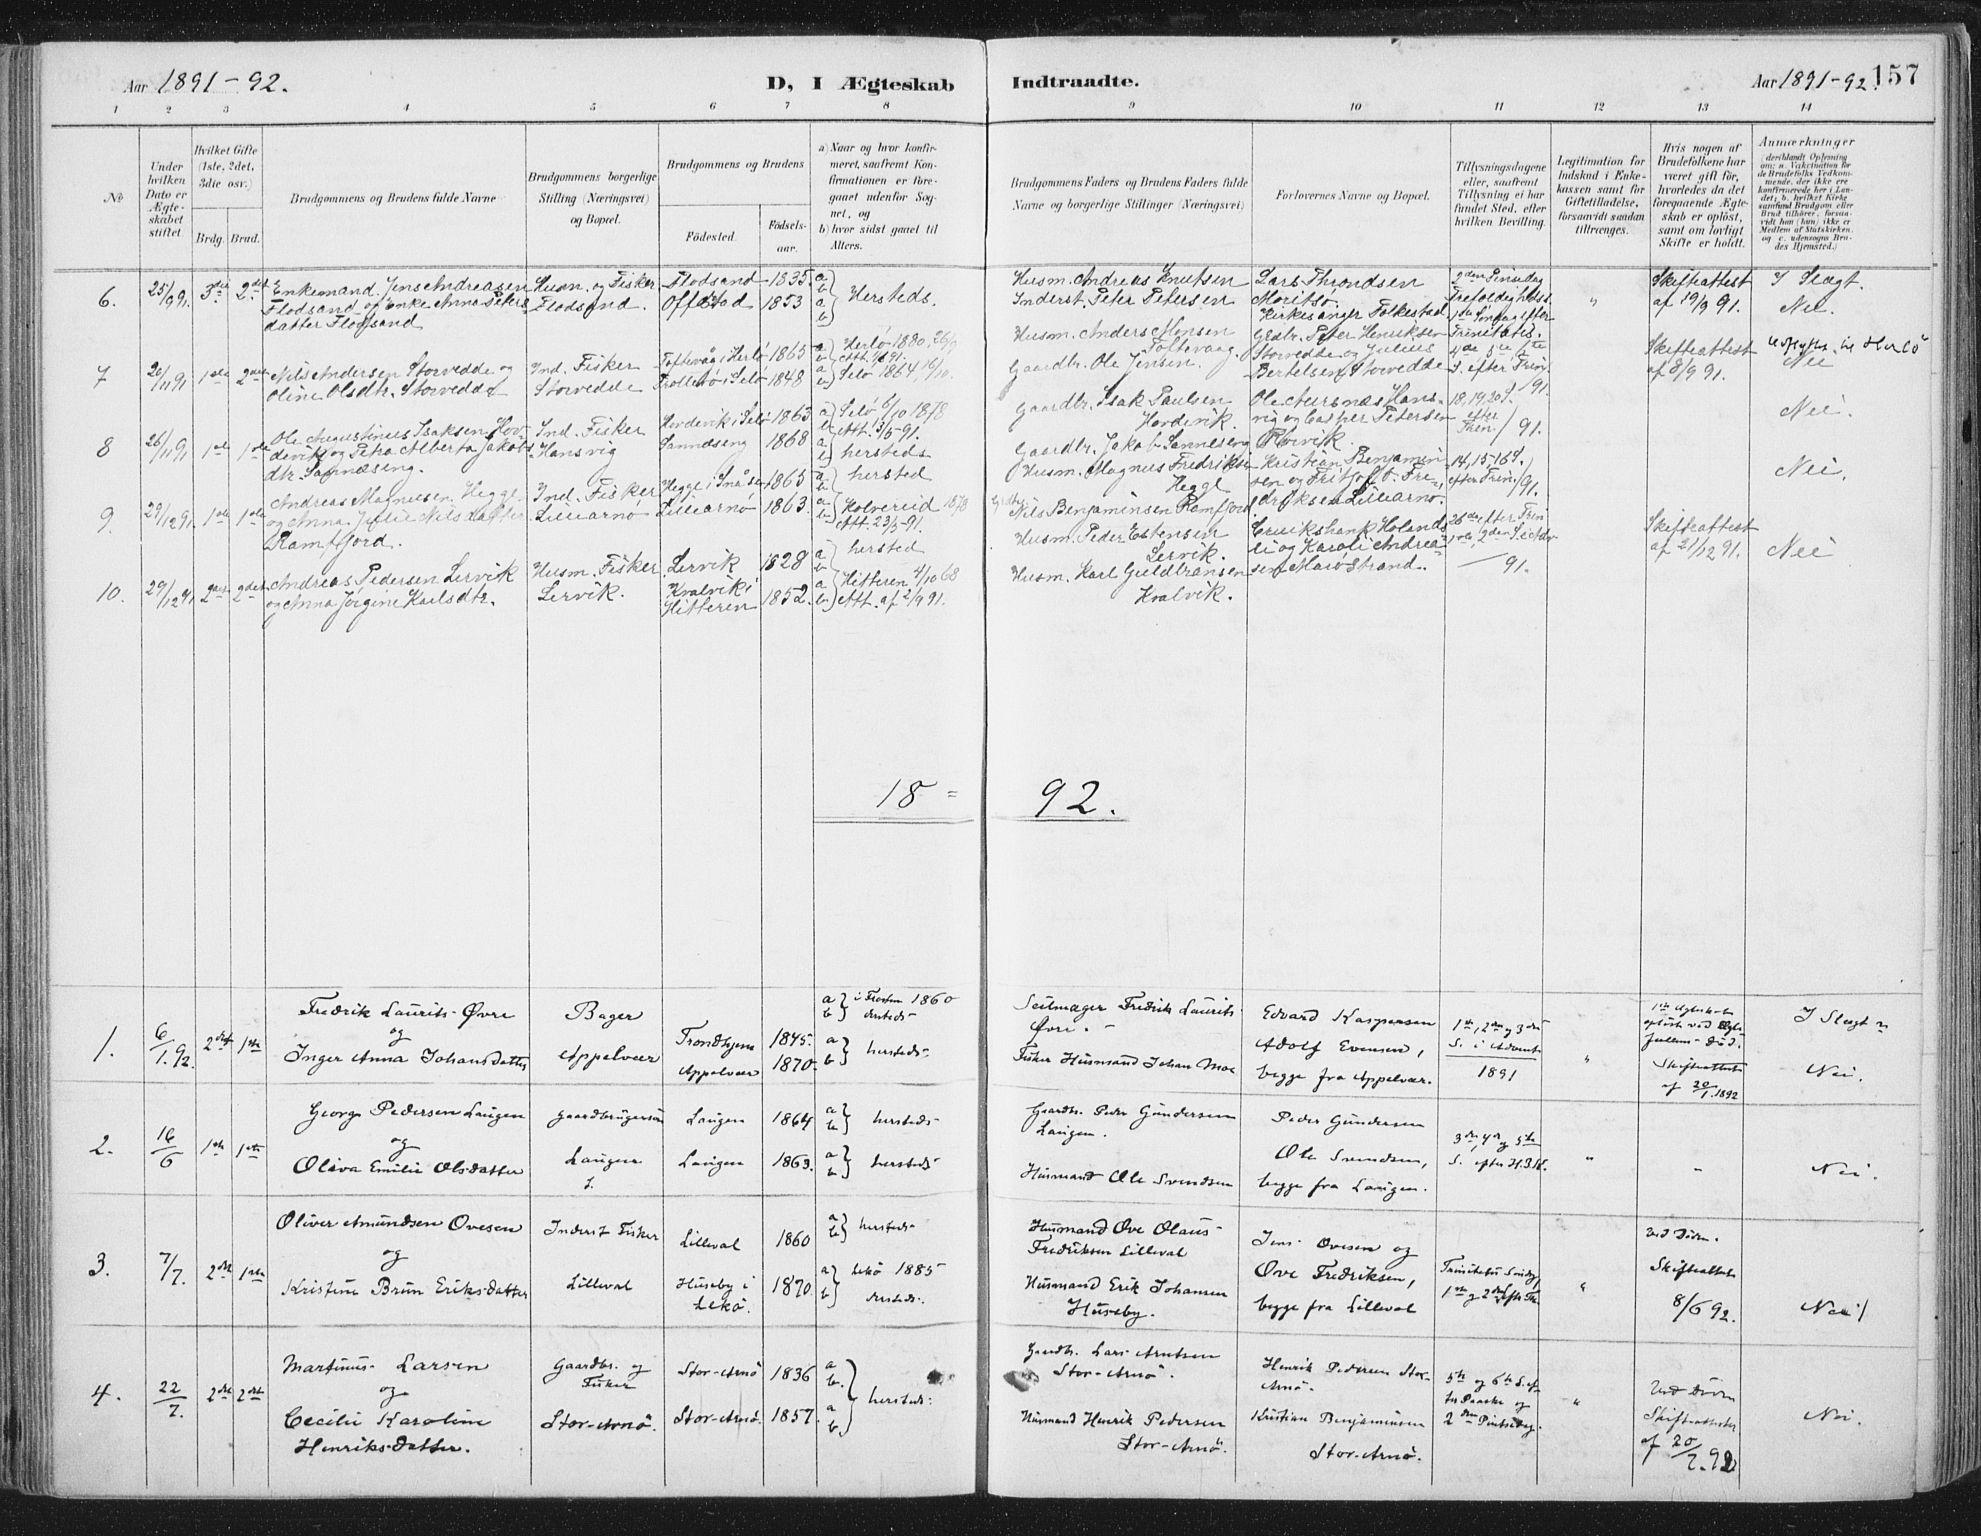 SAT, Ministerialprotokoller, klokkerbøker og fødselsregistre - Nord-Trøndelag, 784/L0673: Ministerialbok nr. 784A08, 1888-1899, s. 157